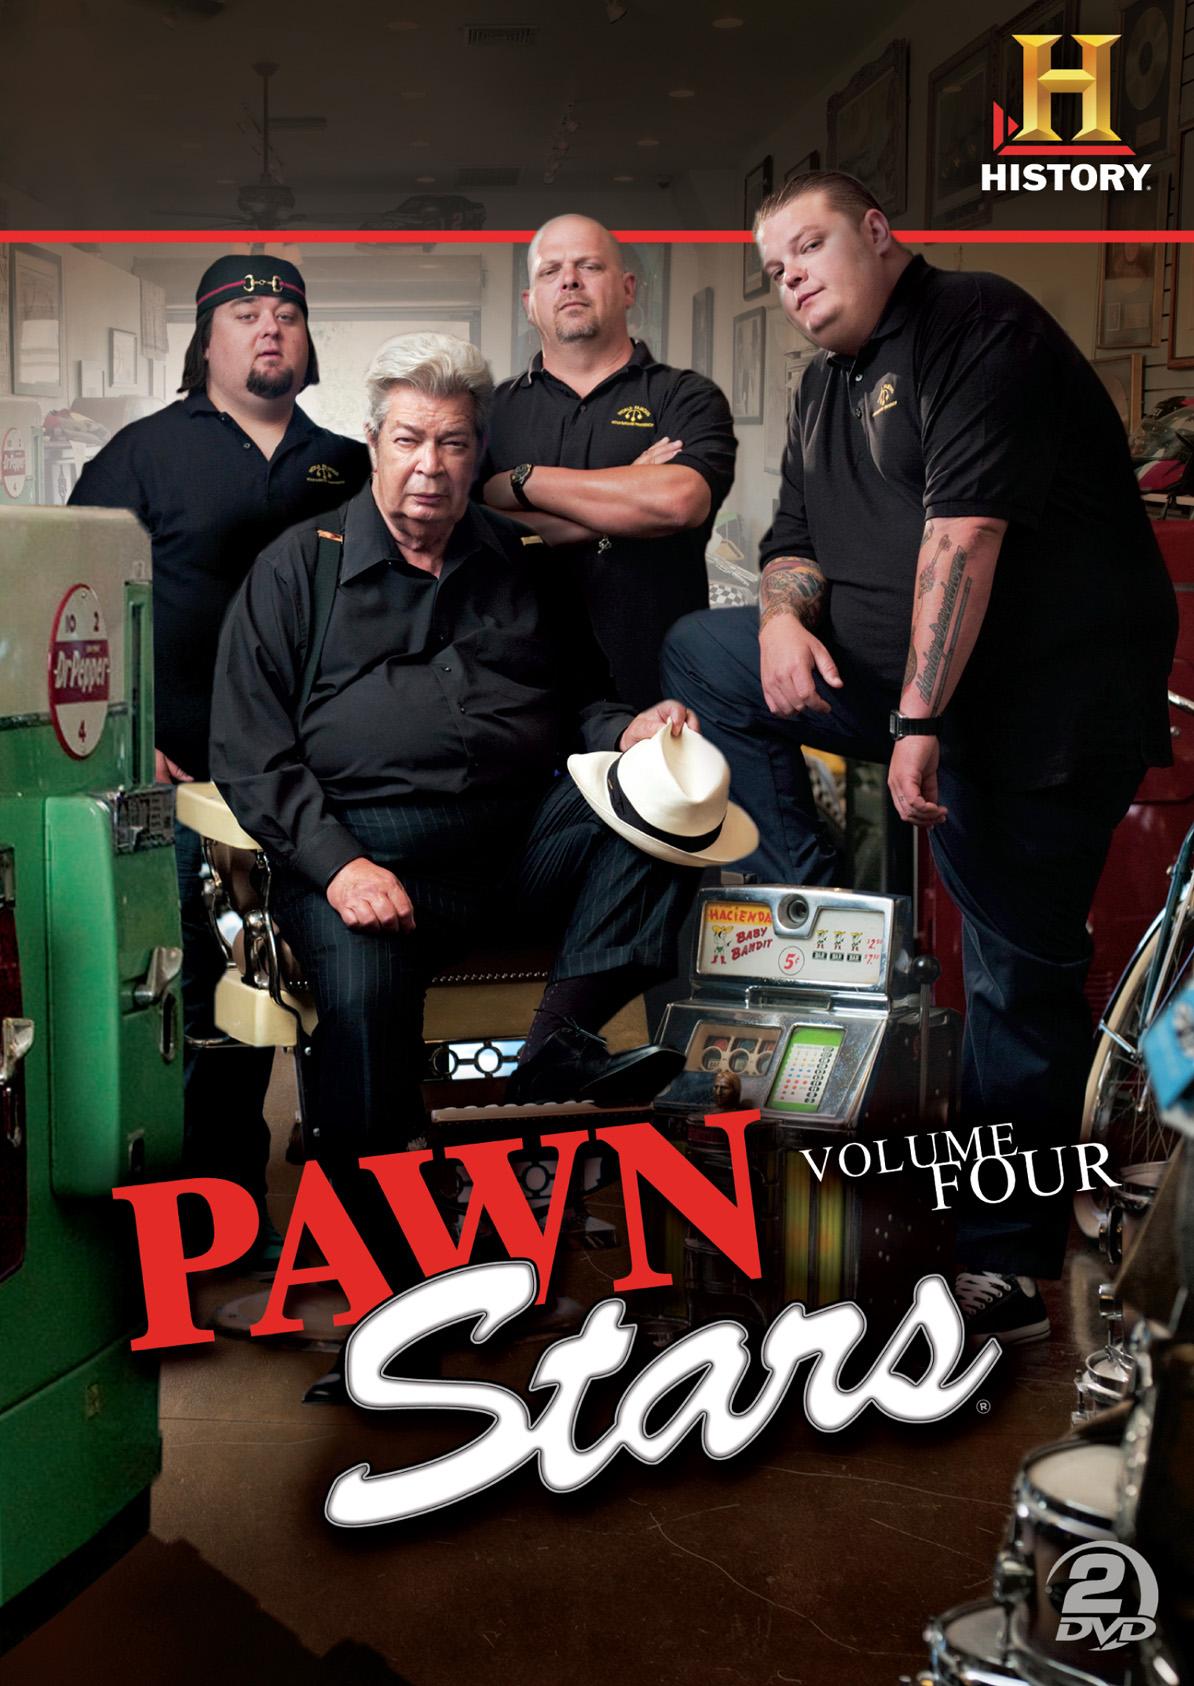 Pawn Stars, Vol. 4 [2 Discs] (dvd) 20052586